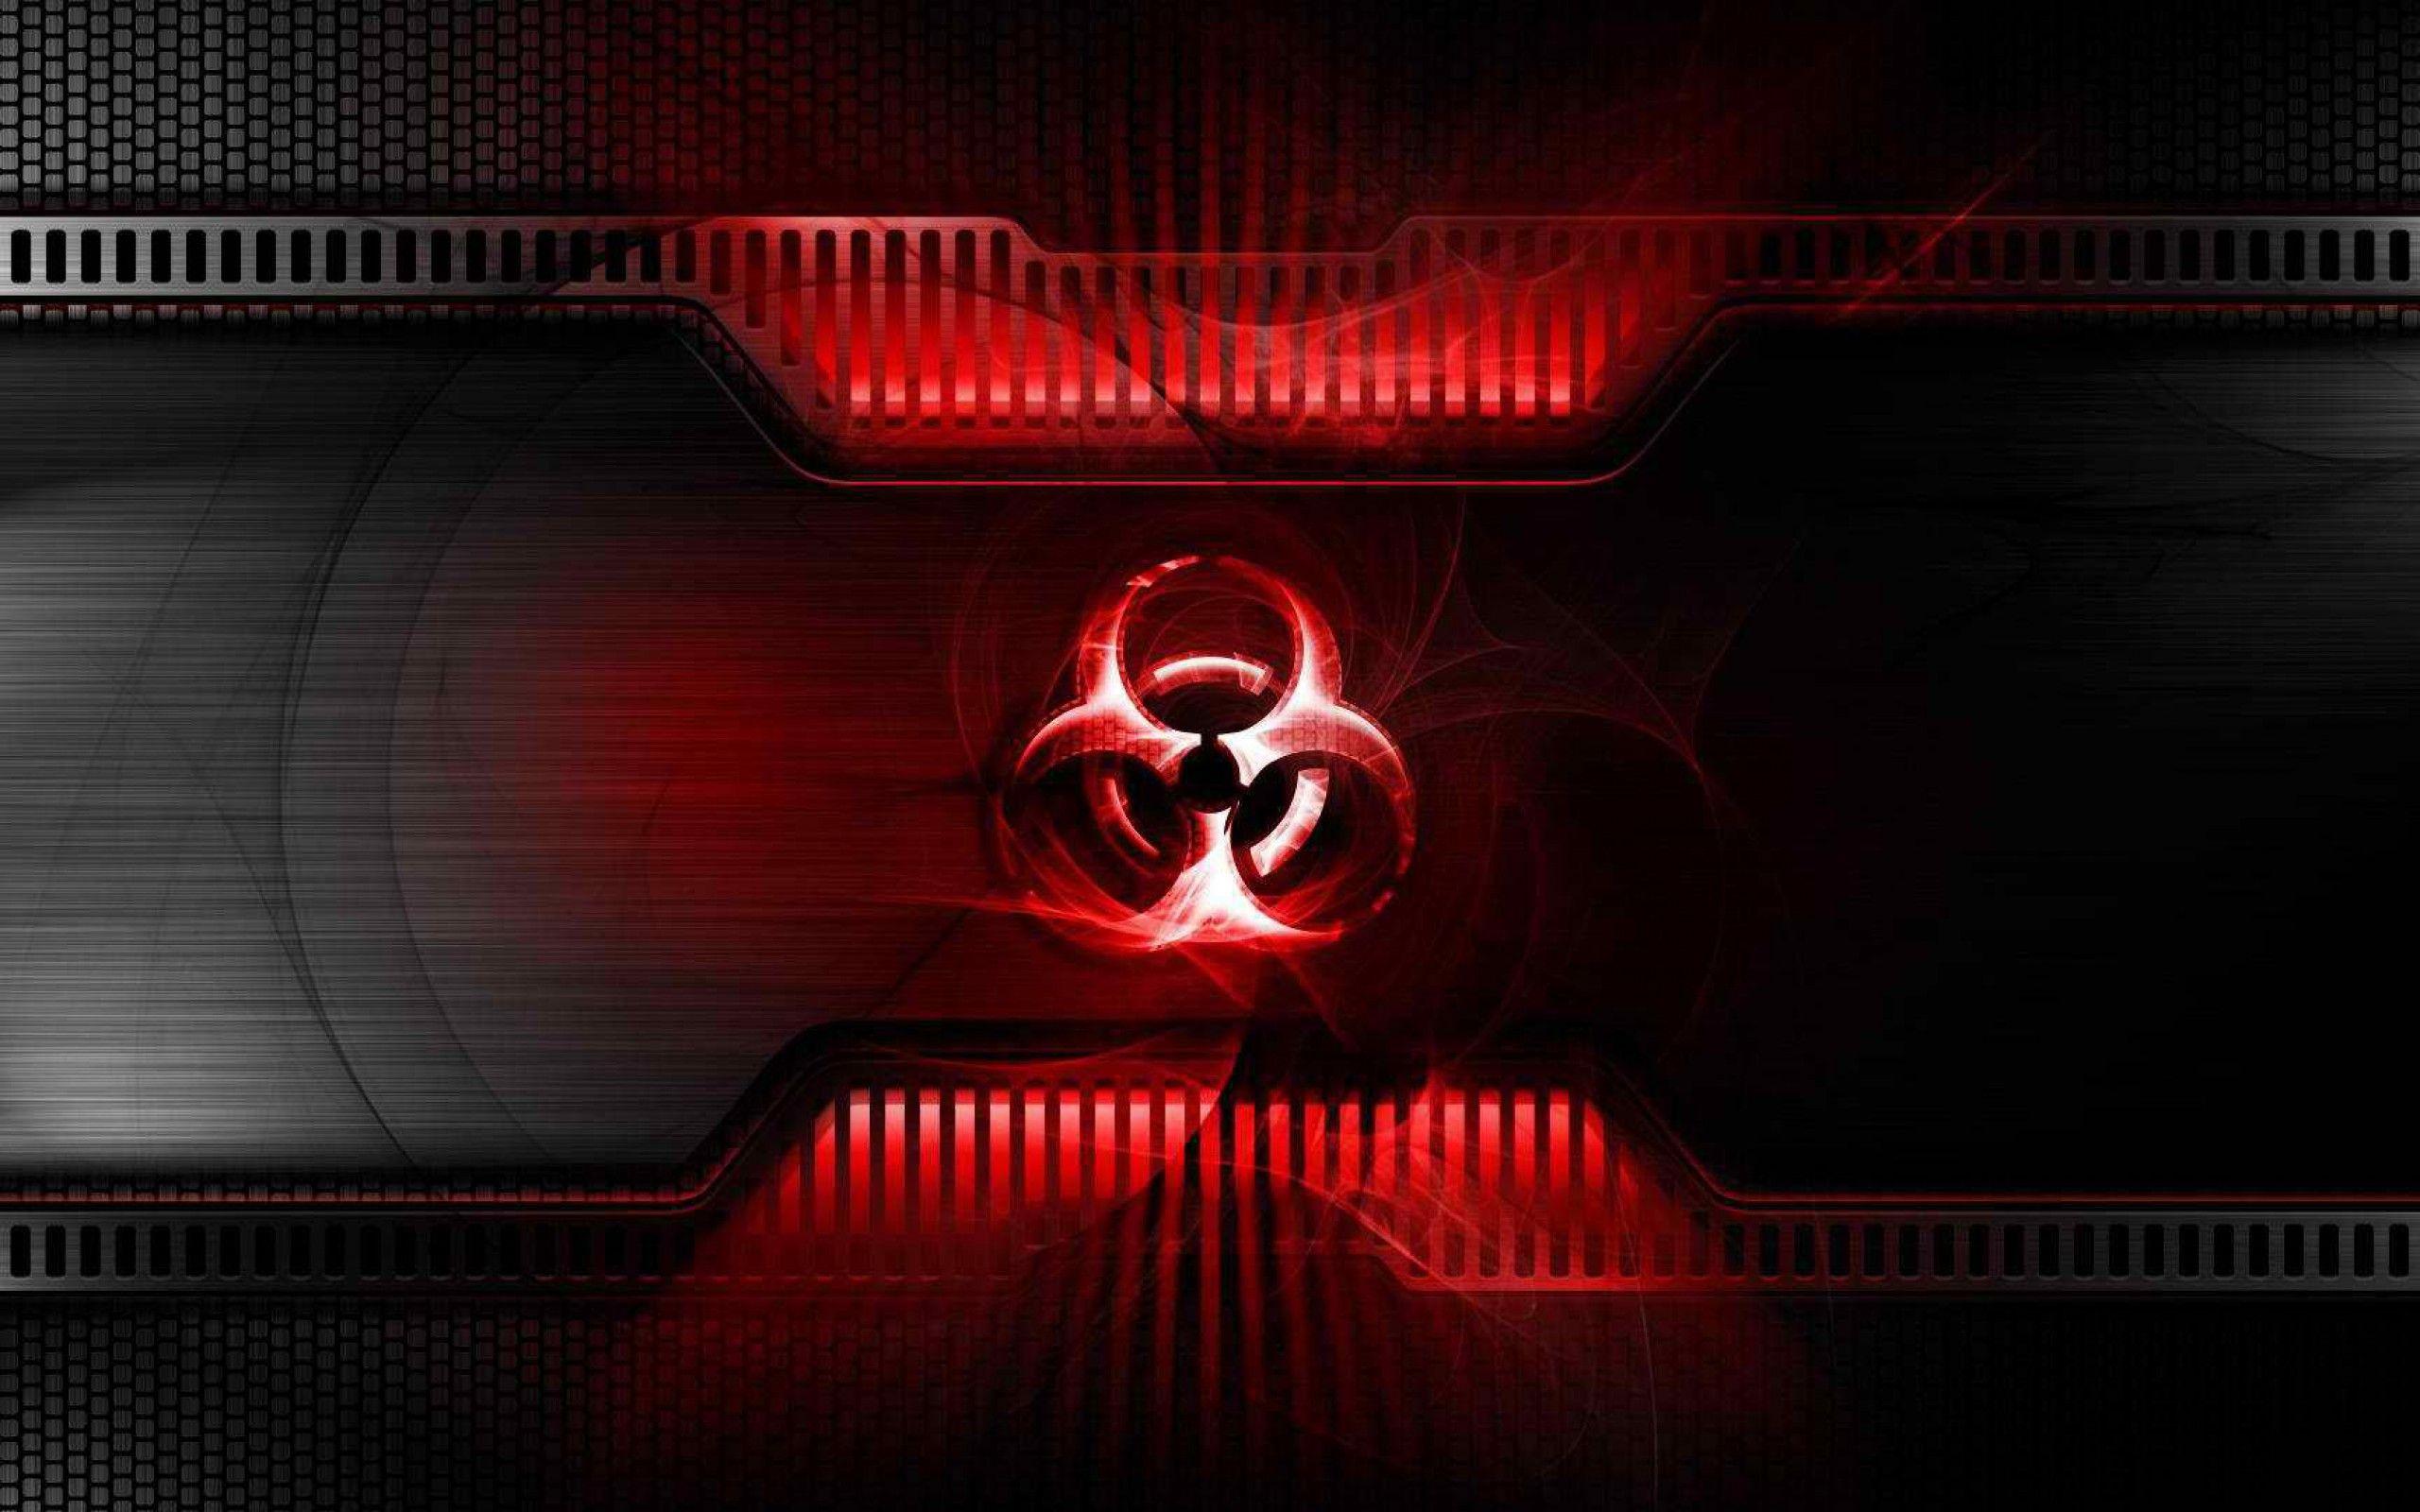 biohazard wallpapers - http://wallpaperzoo/biohazard-wallpapers